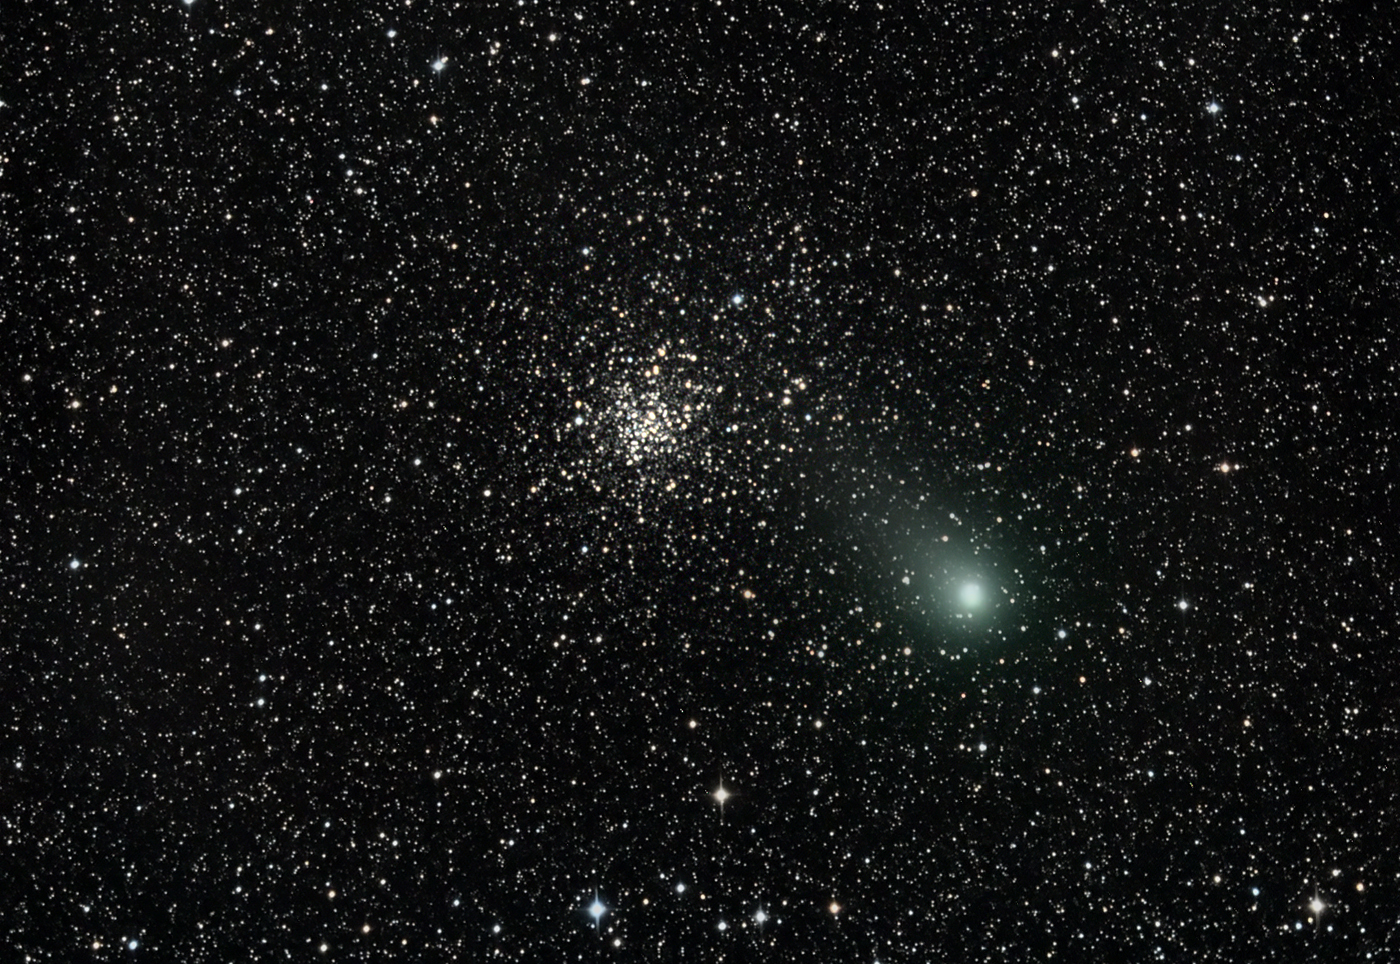 Garado kometa rugpjūčio pabaigoje praskriejo pro išraiškingą kamuolinį žvaigždžių spiečių M71 esantį Strėlės žvaigždyne | universetoday.com nuotr.